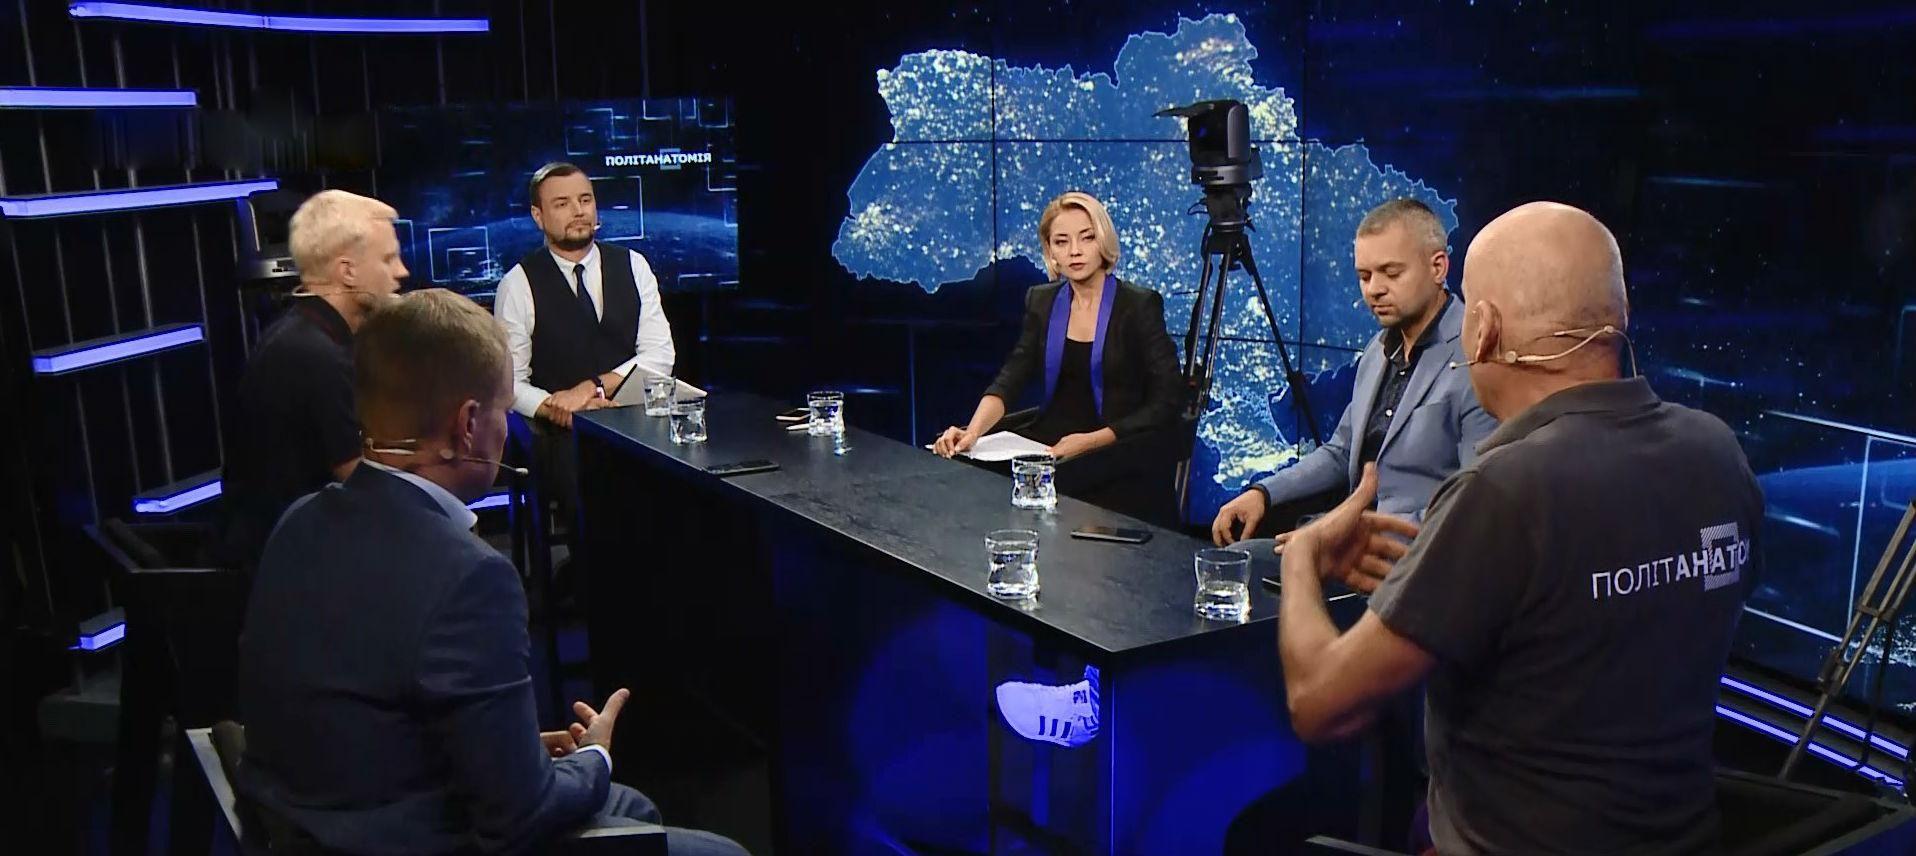 Освобождение боевика Цемаха: есть ли опасность для Украины - Новости верховной рады - 24 Канал